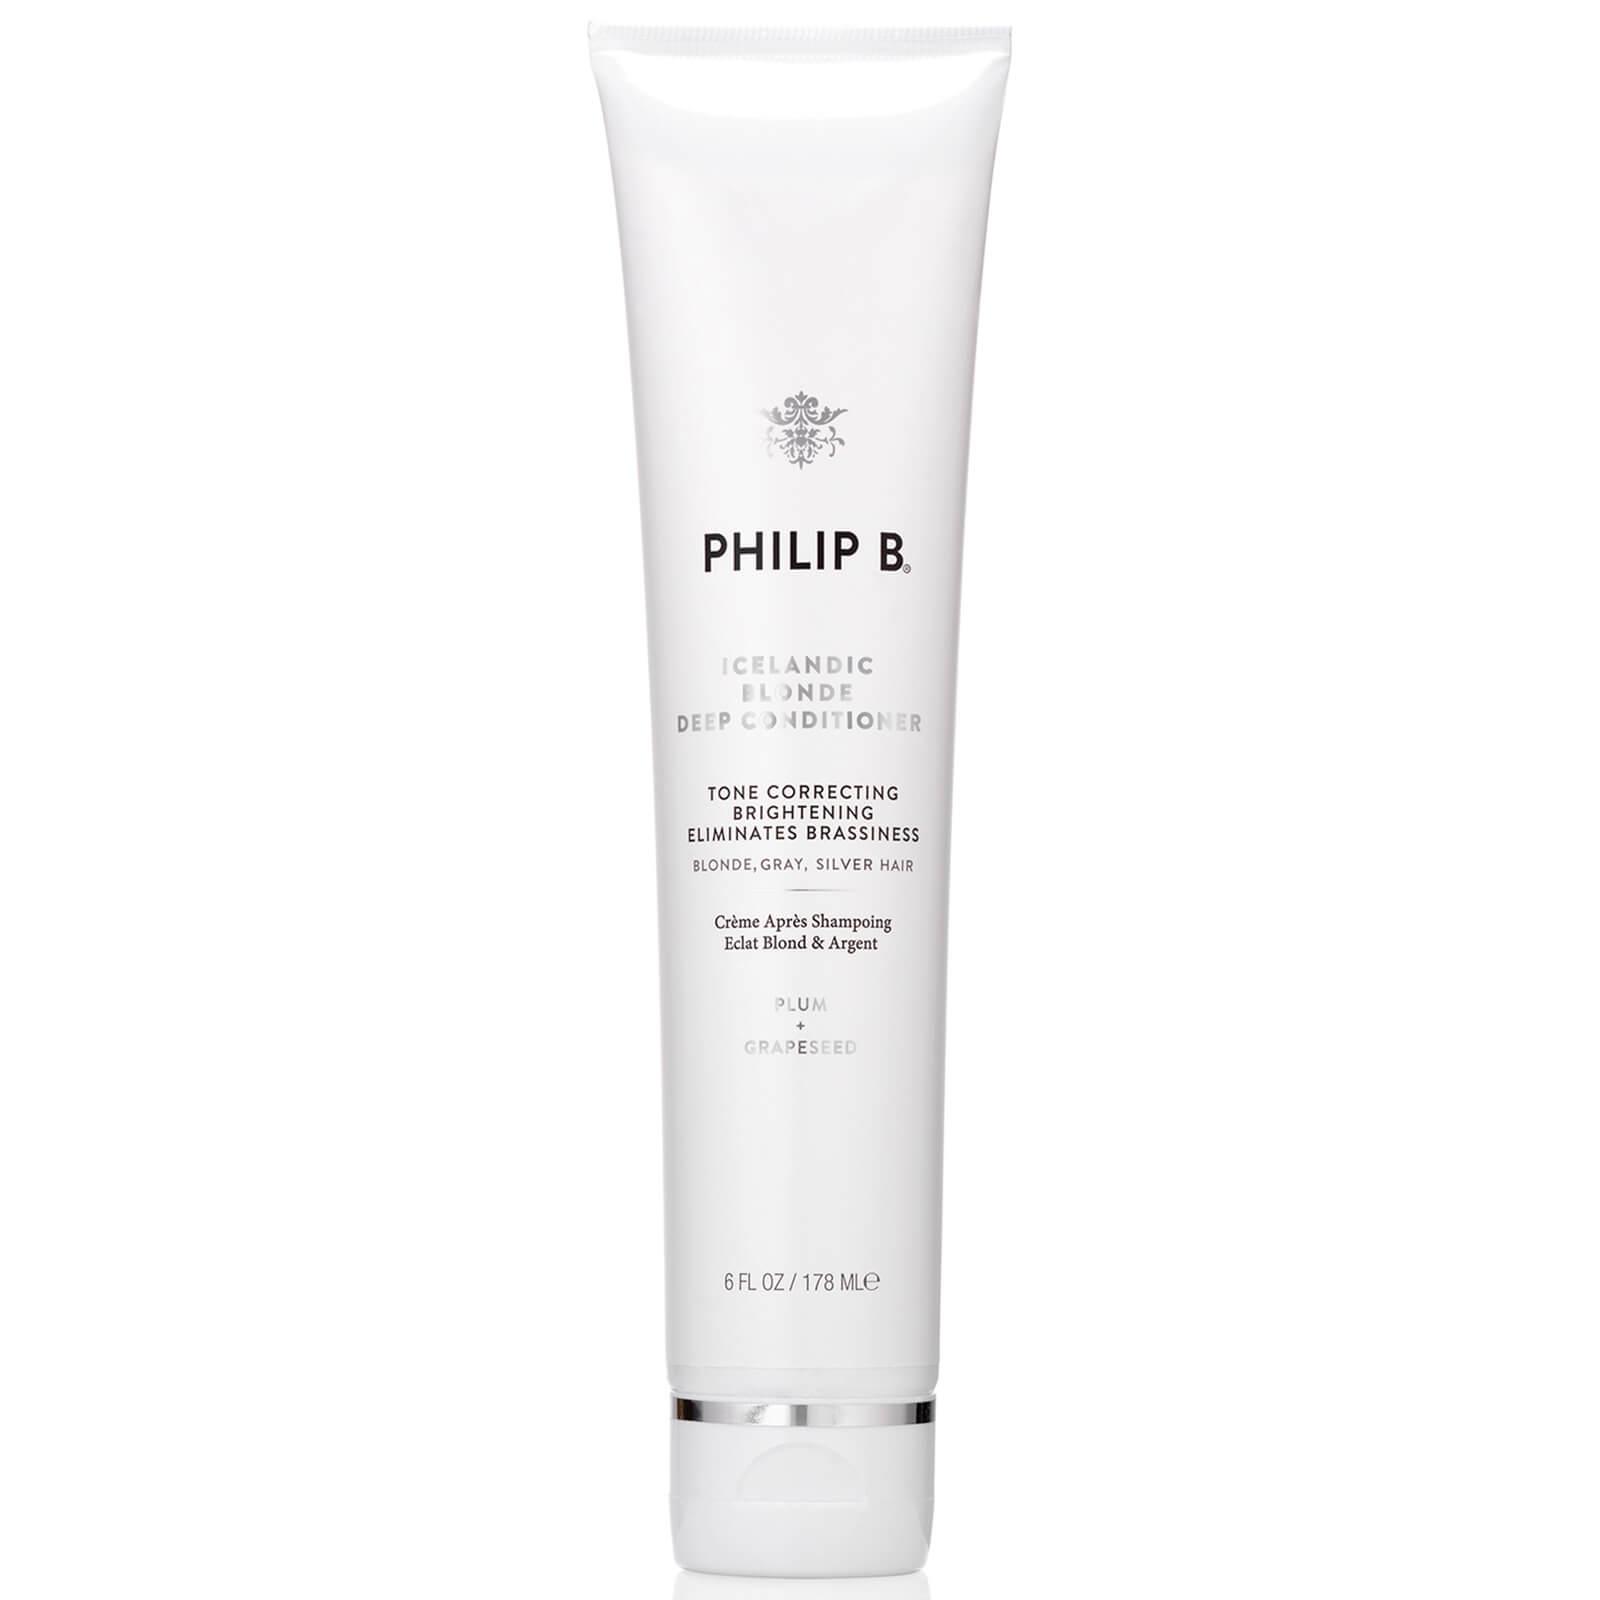 Philip B Icelandic Blonde Conditioner 6 fl oz/178ml